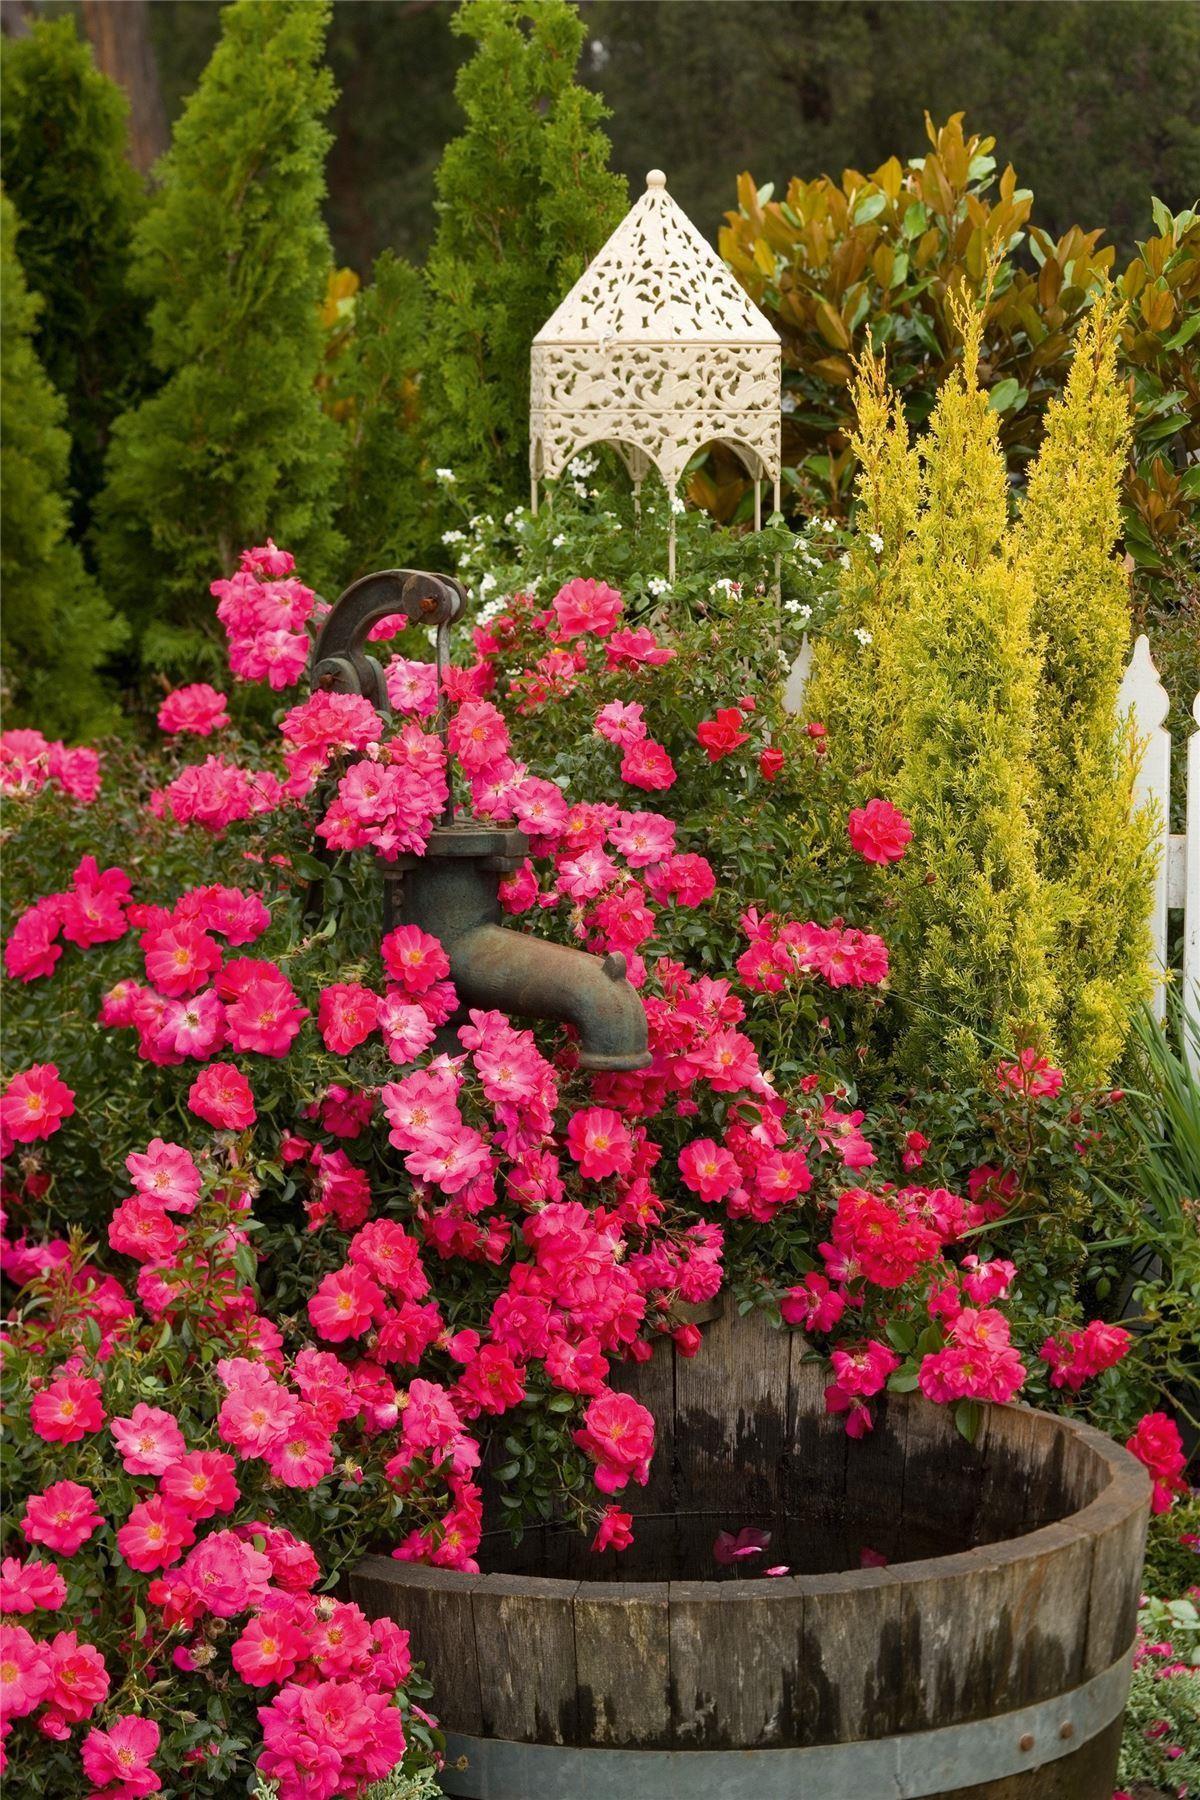 Roses In Garden: Rose Flower Carpet Pink